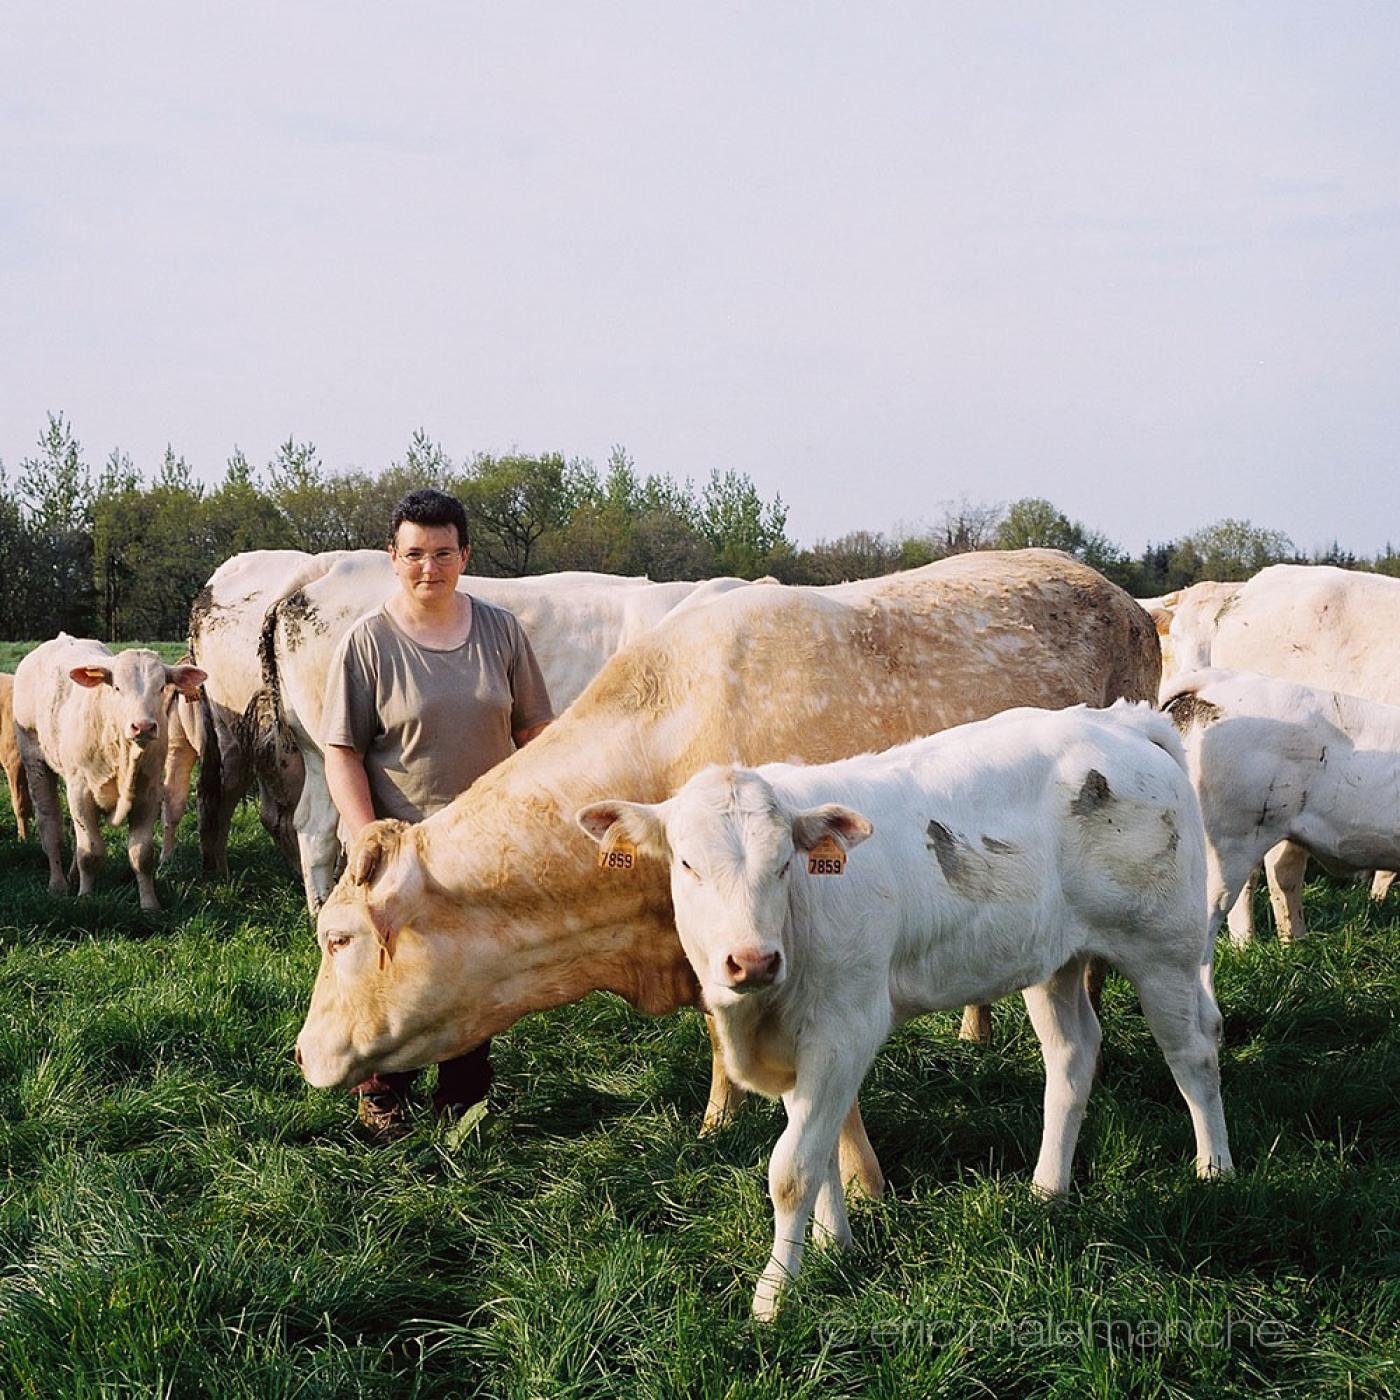 http://www.ericmalemanche.com/imagess/topics/les-bretons-de-l-argoat/liste/Bretons-Malemanche-011.jpg